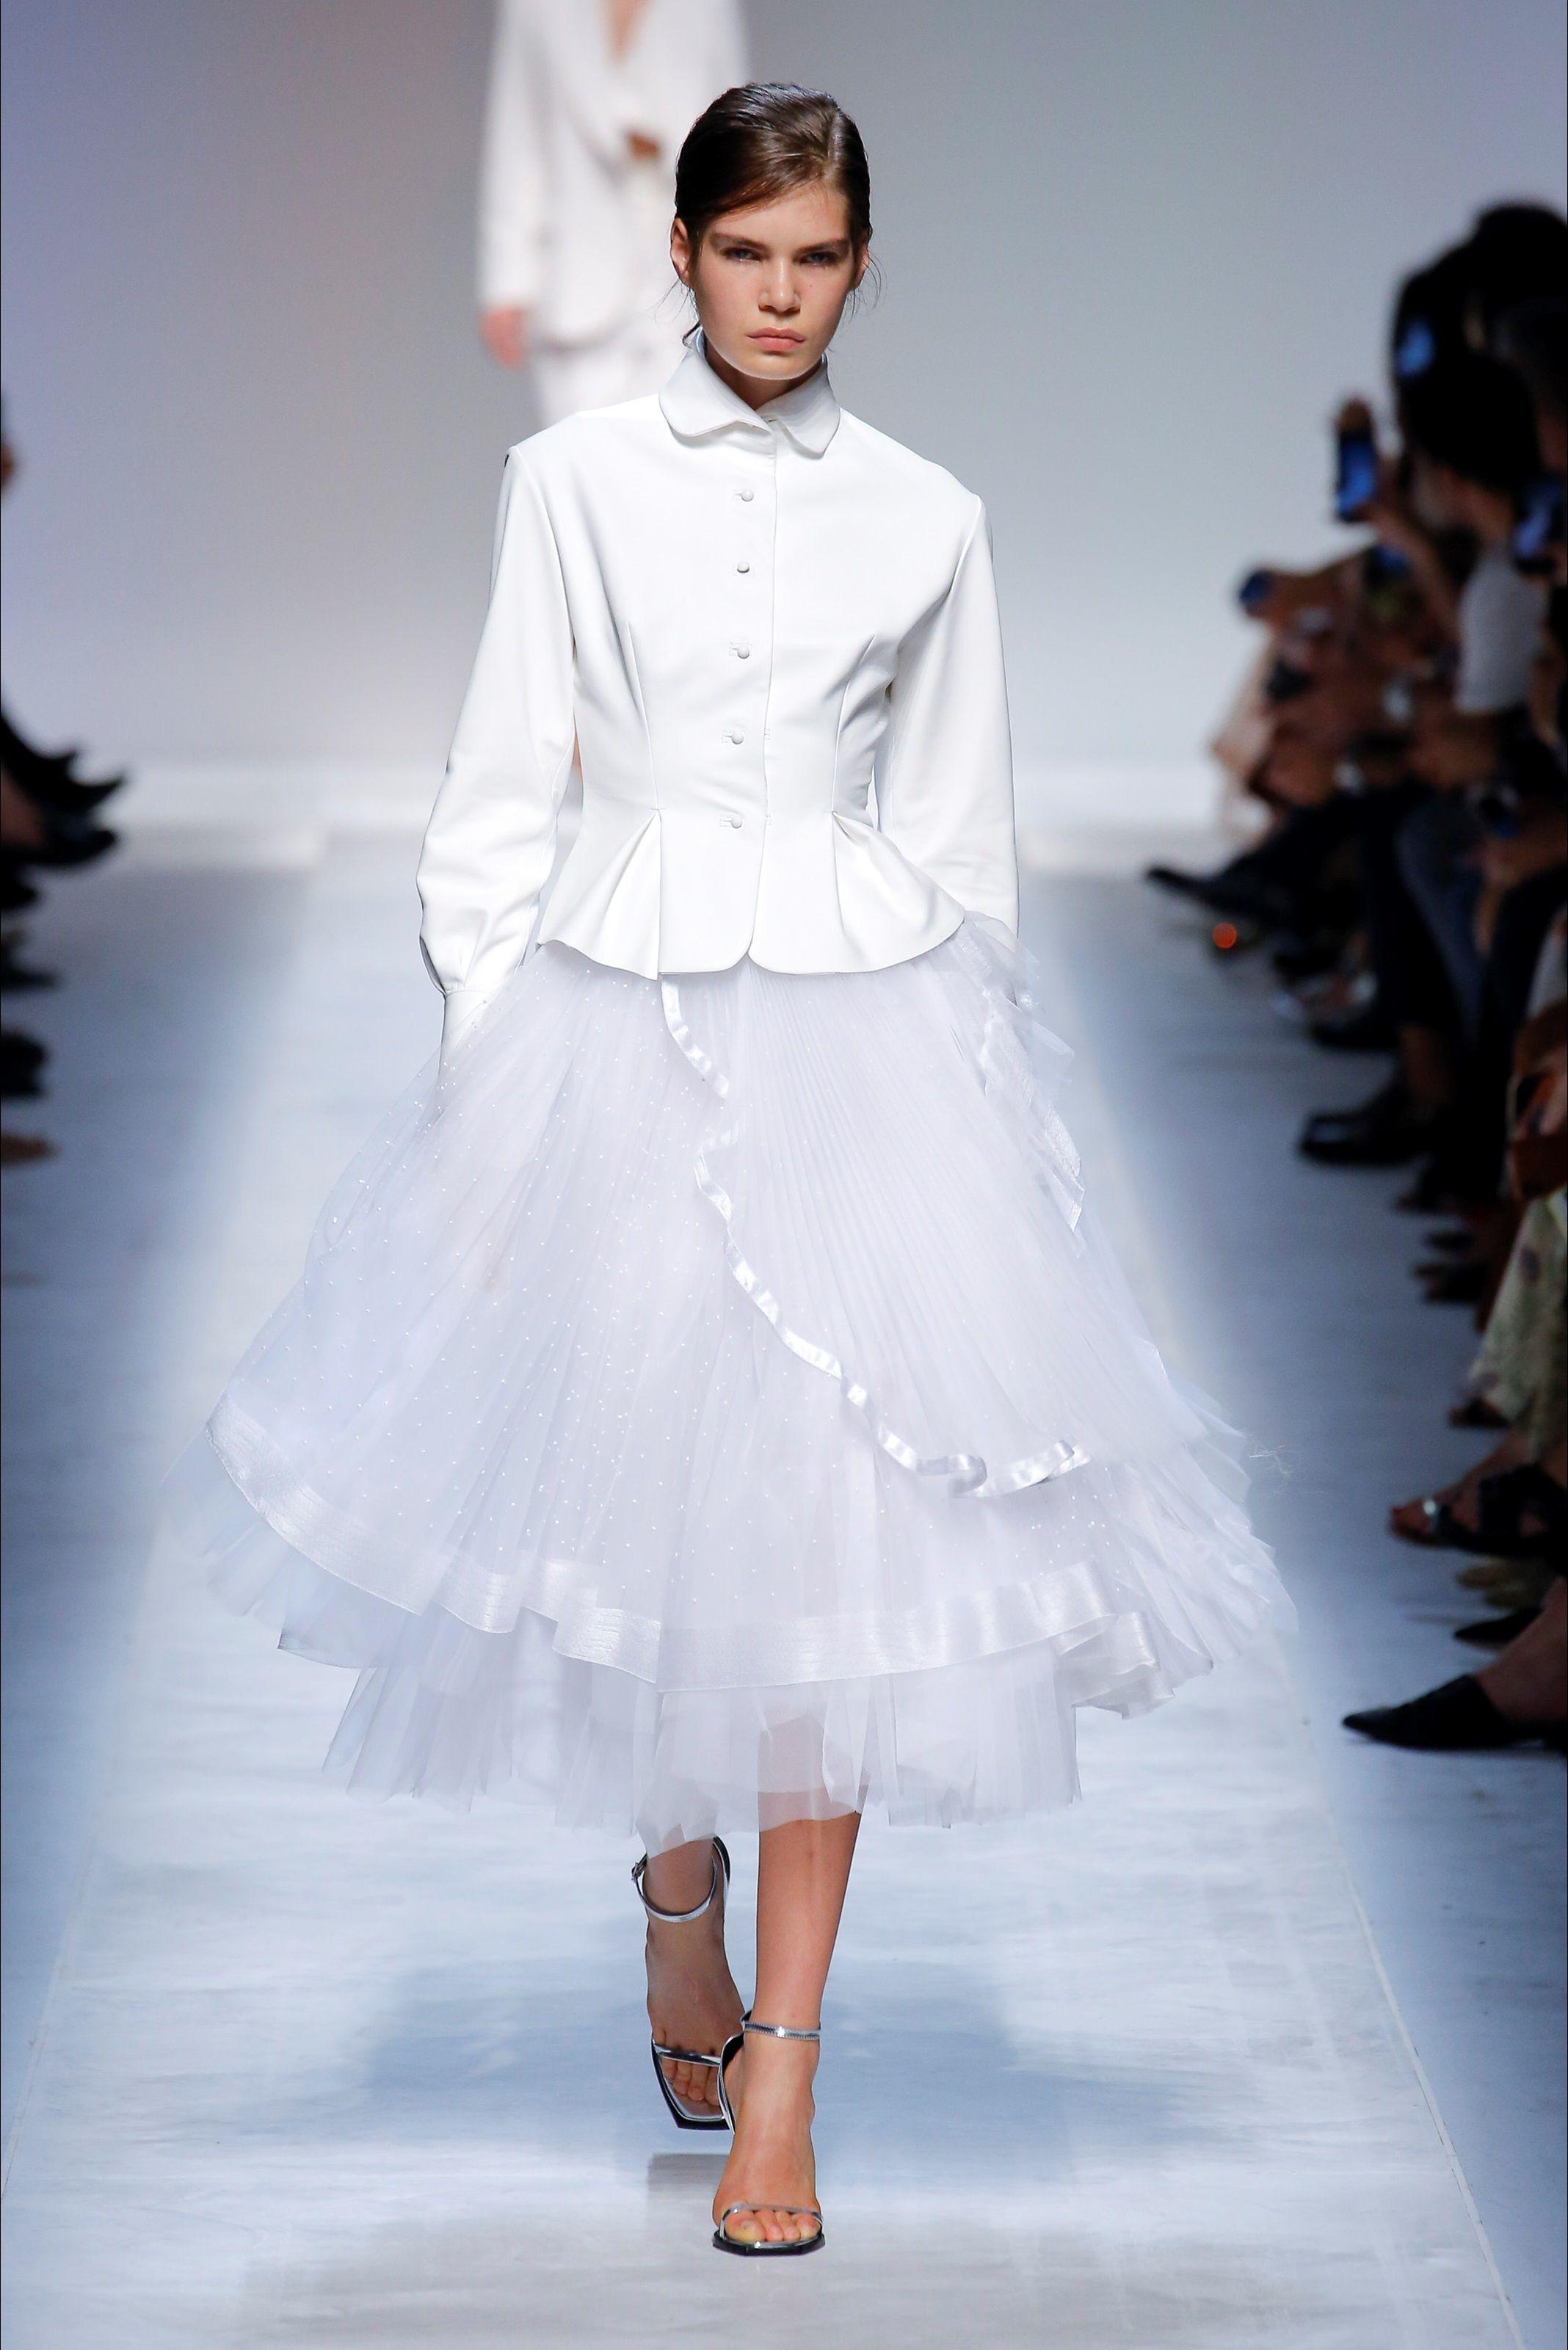 Sfilata Ermanno Scervino Milano - Collezioni Primavera Estate 2019 - Vogue bb1af62737c